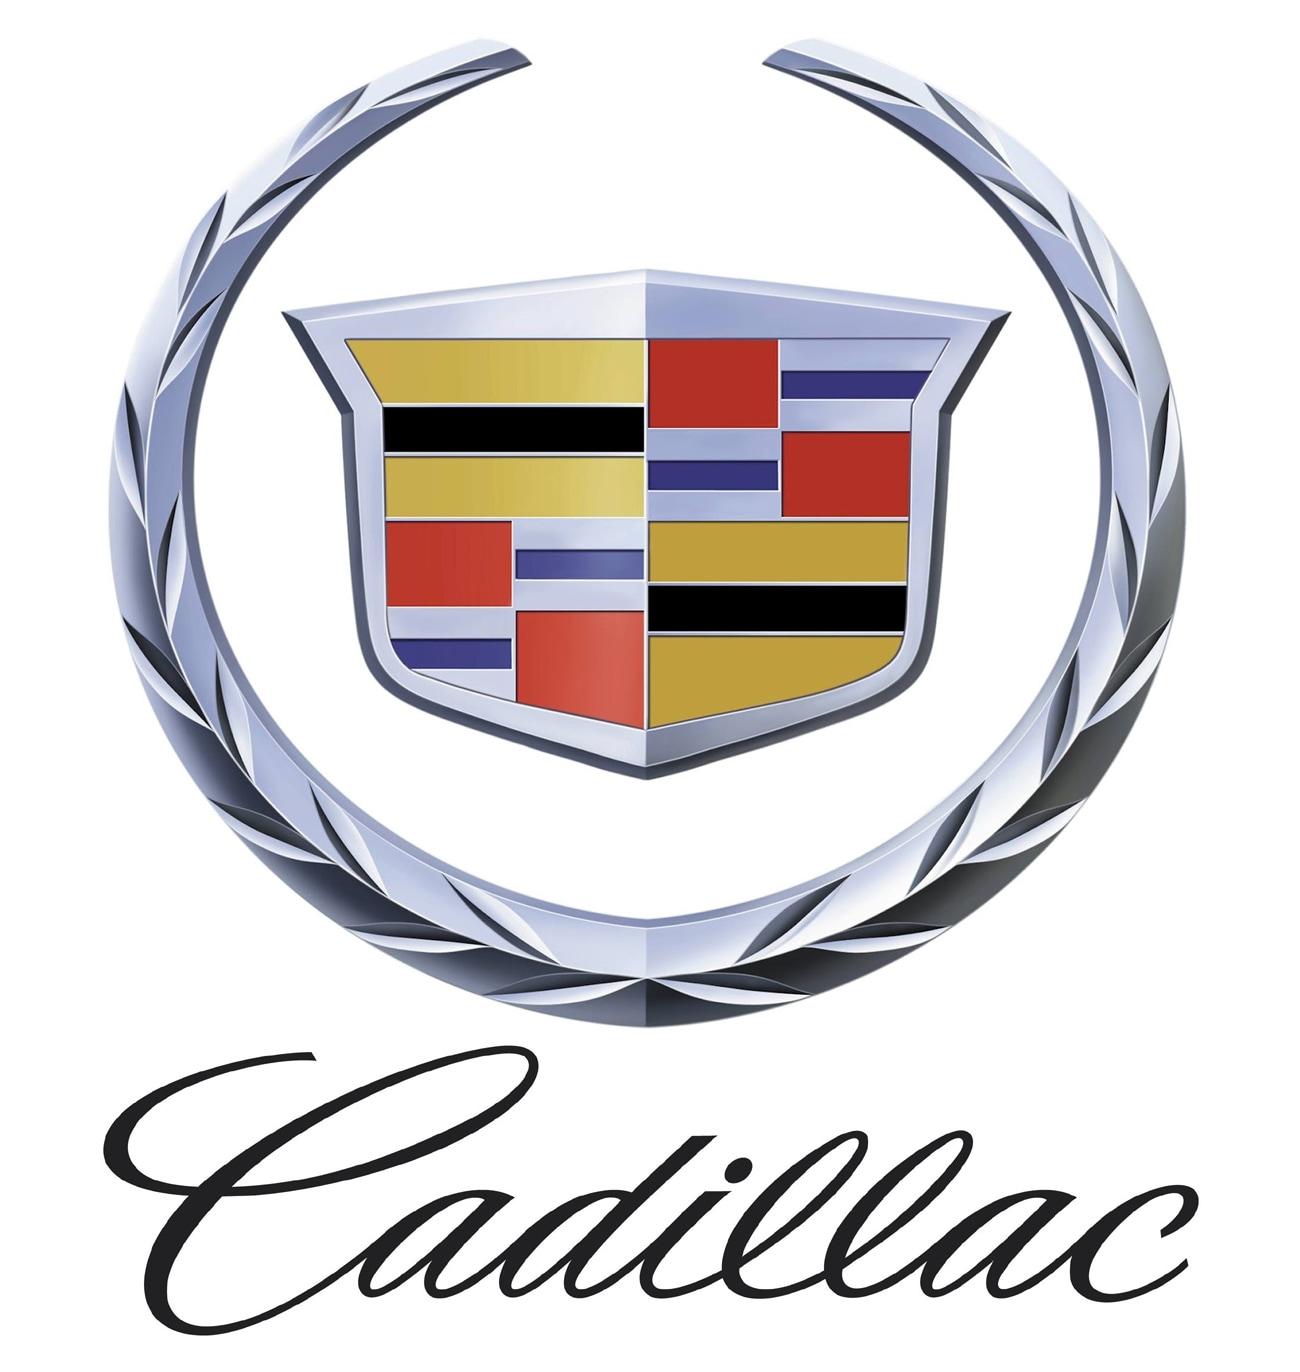 Used Cadillac Cincinnati